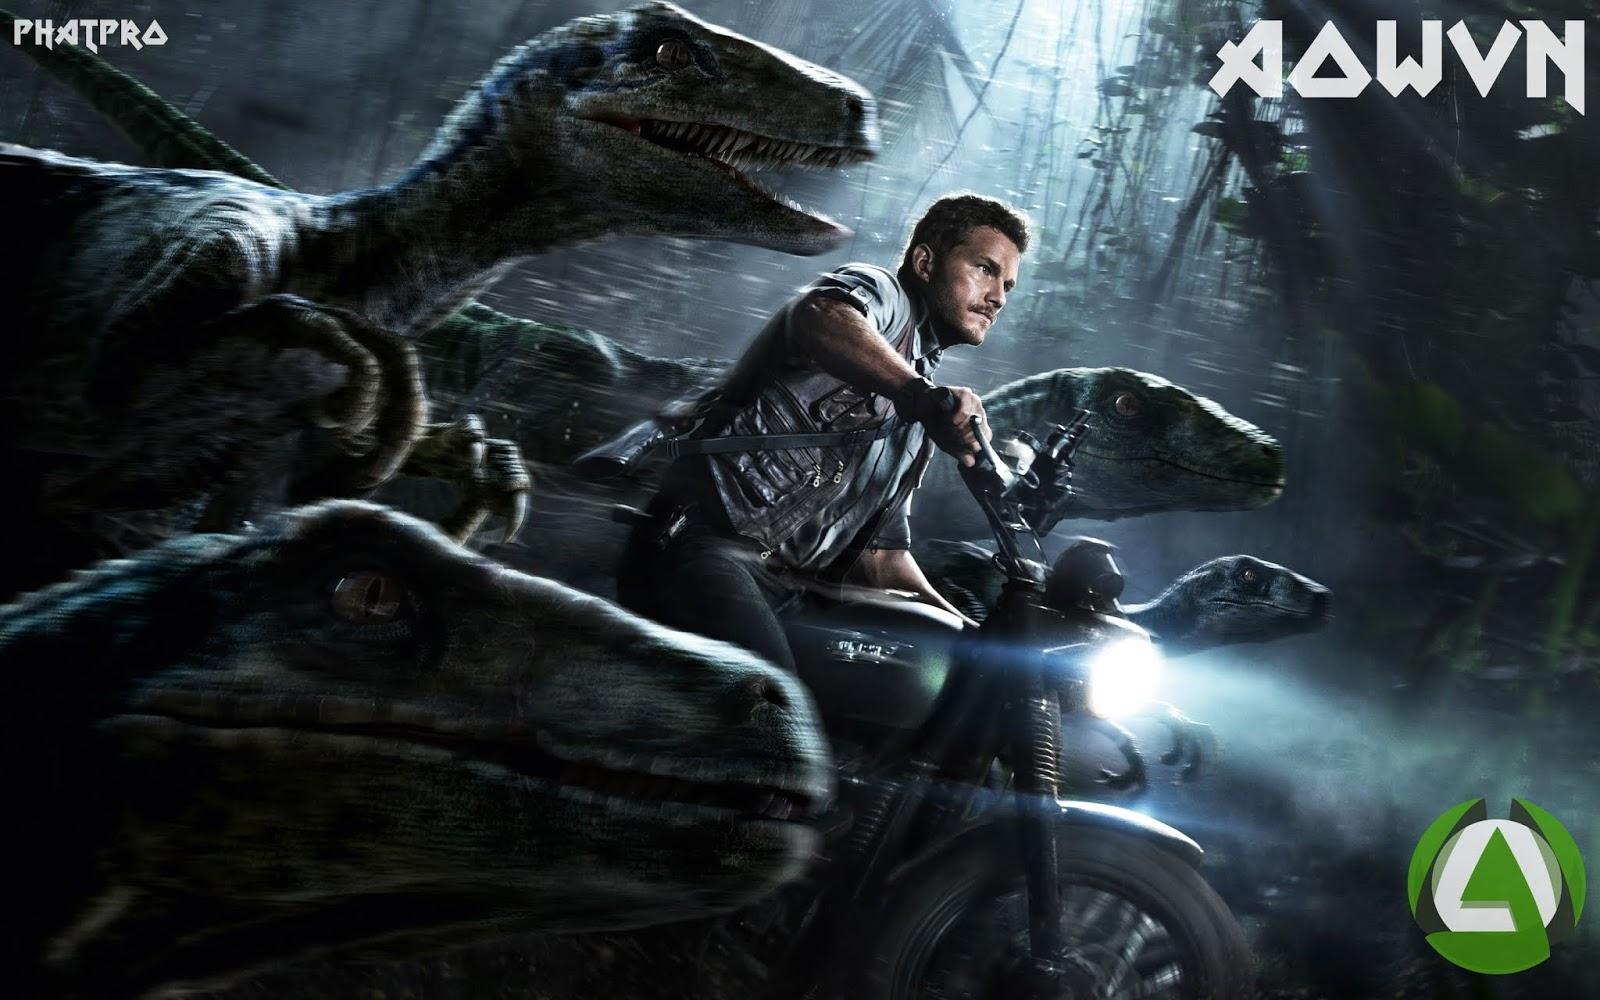 Jura%2B4%2B %2BPhatpro min - [ Phim 3gp Mp4 ] Tổng Hợp 5 Phần Jurassic Park + Jurassic World HD-BD | Vietsub - Bom Tấn Mỹ Siêu Hay